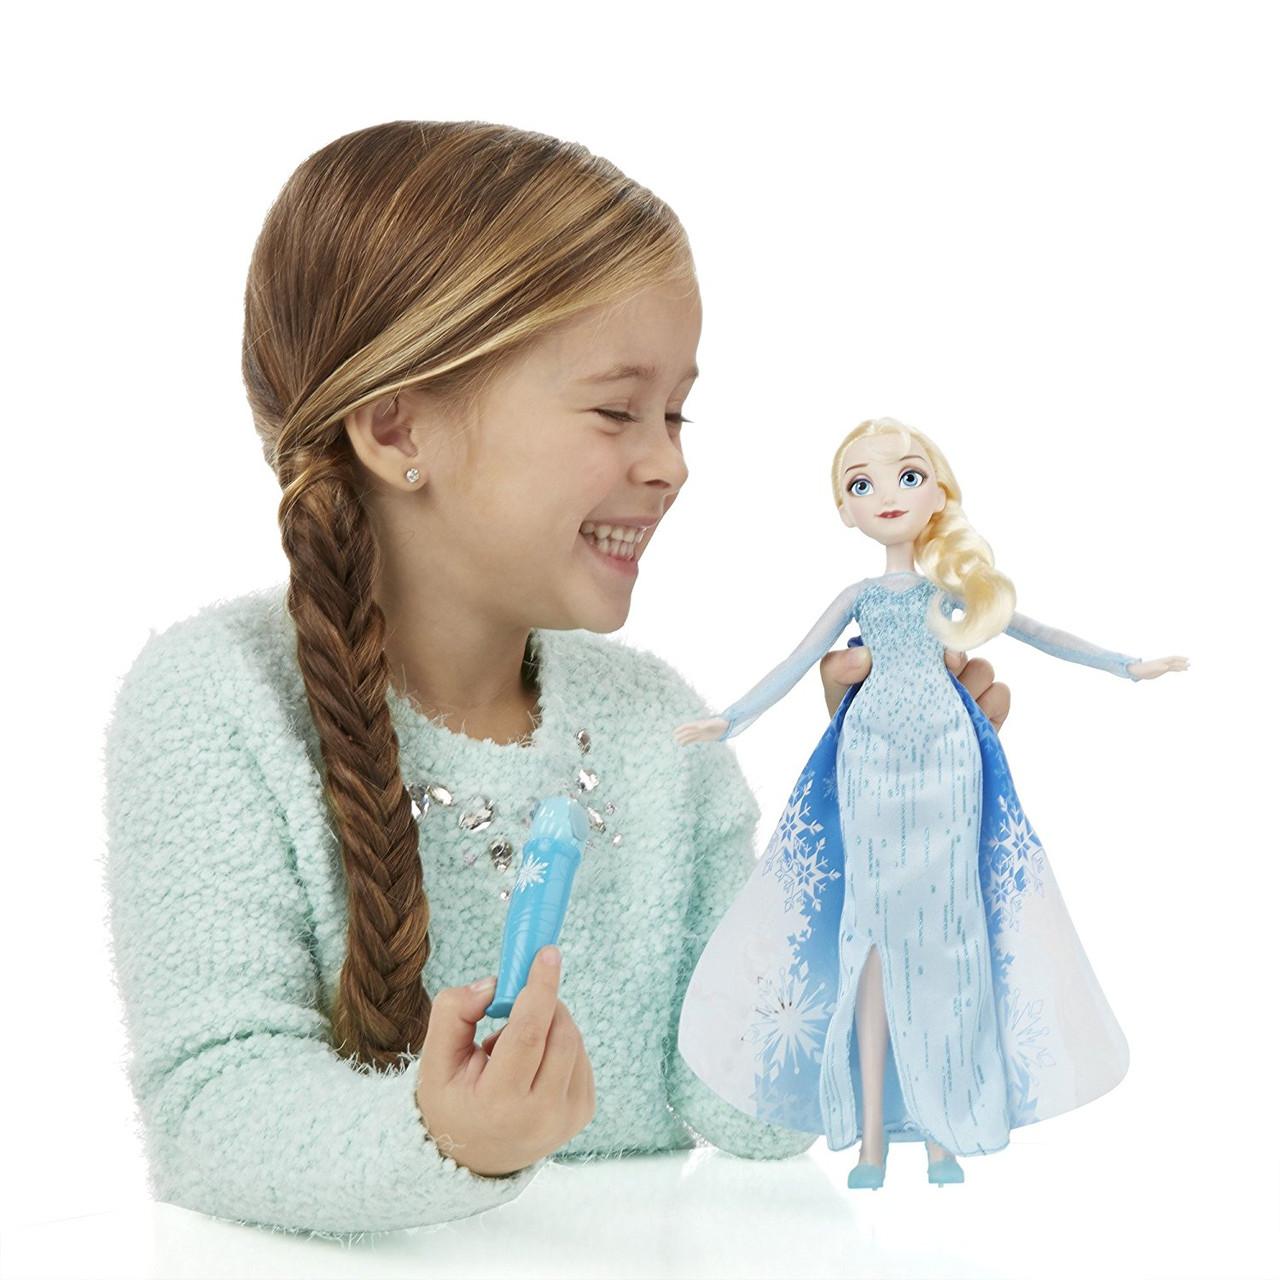 Кукла Эльза Холодное Сердце в наряде с проявляющимся рисунком